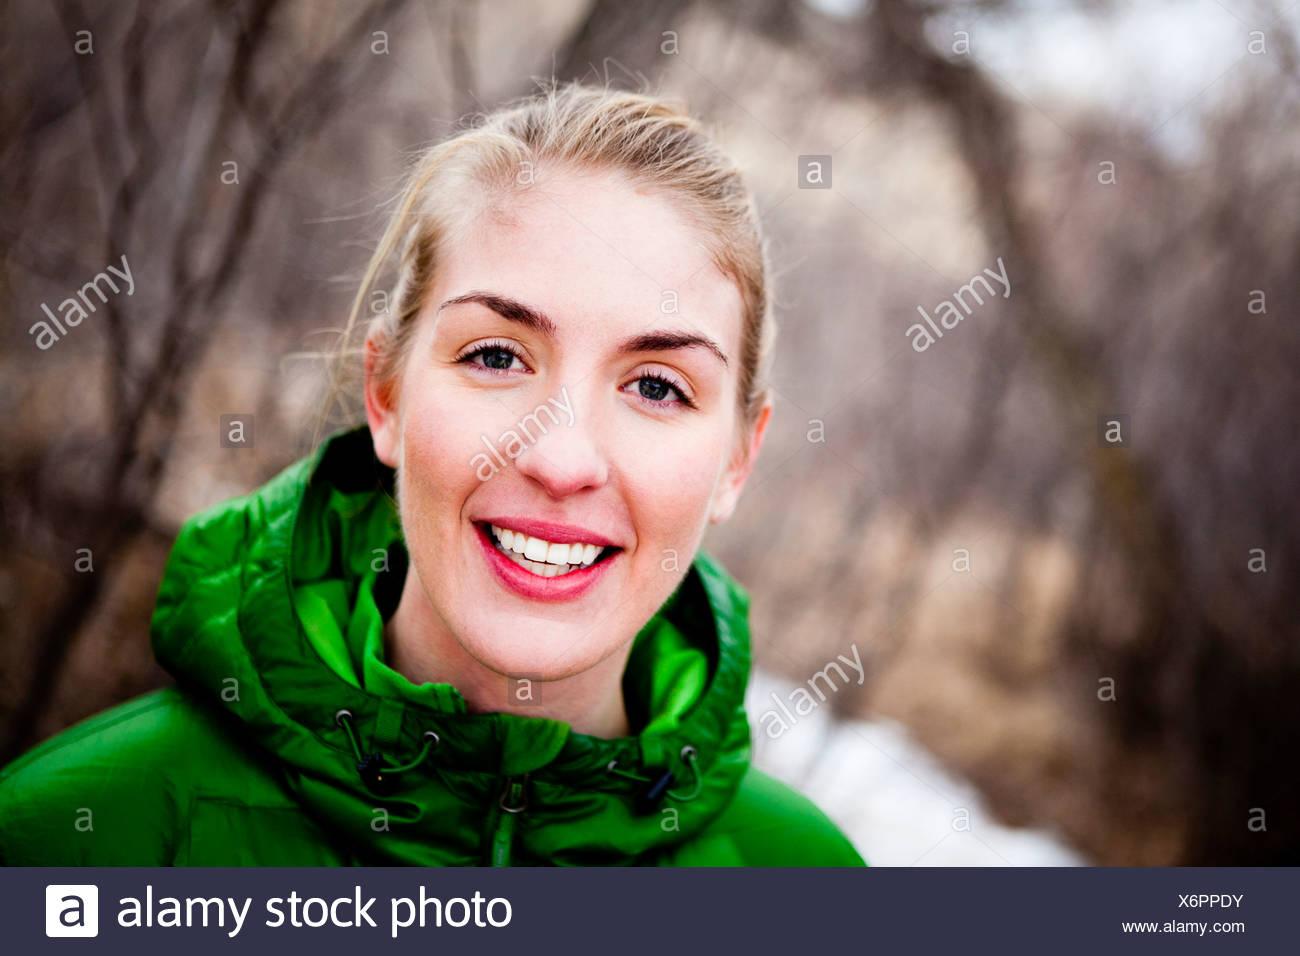 Una joven mujer corre a lo largo de un camino cubierto de nieve a través de deshojado árboles caducifolios, justo al norte del depósito de Dixon, en un día frío Imagen De Stock